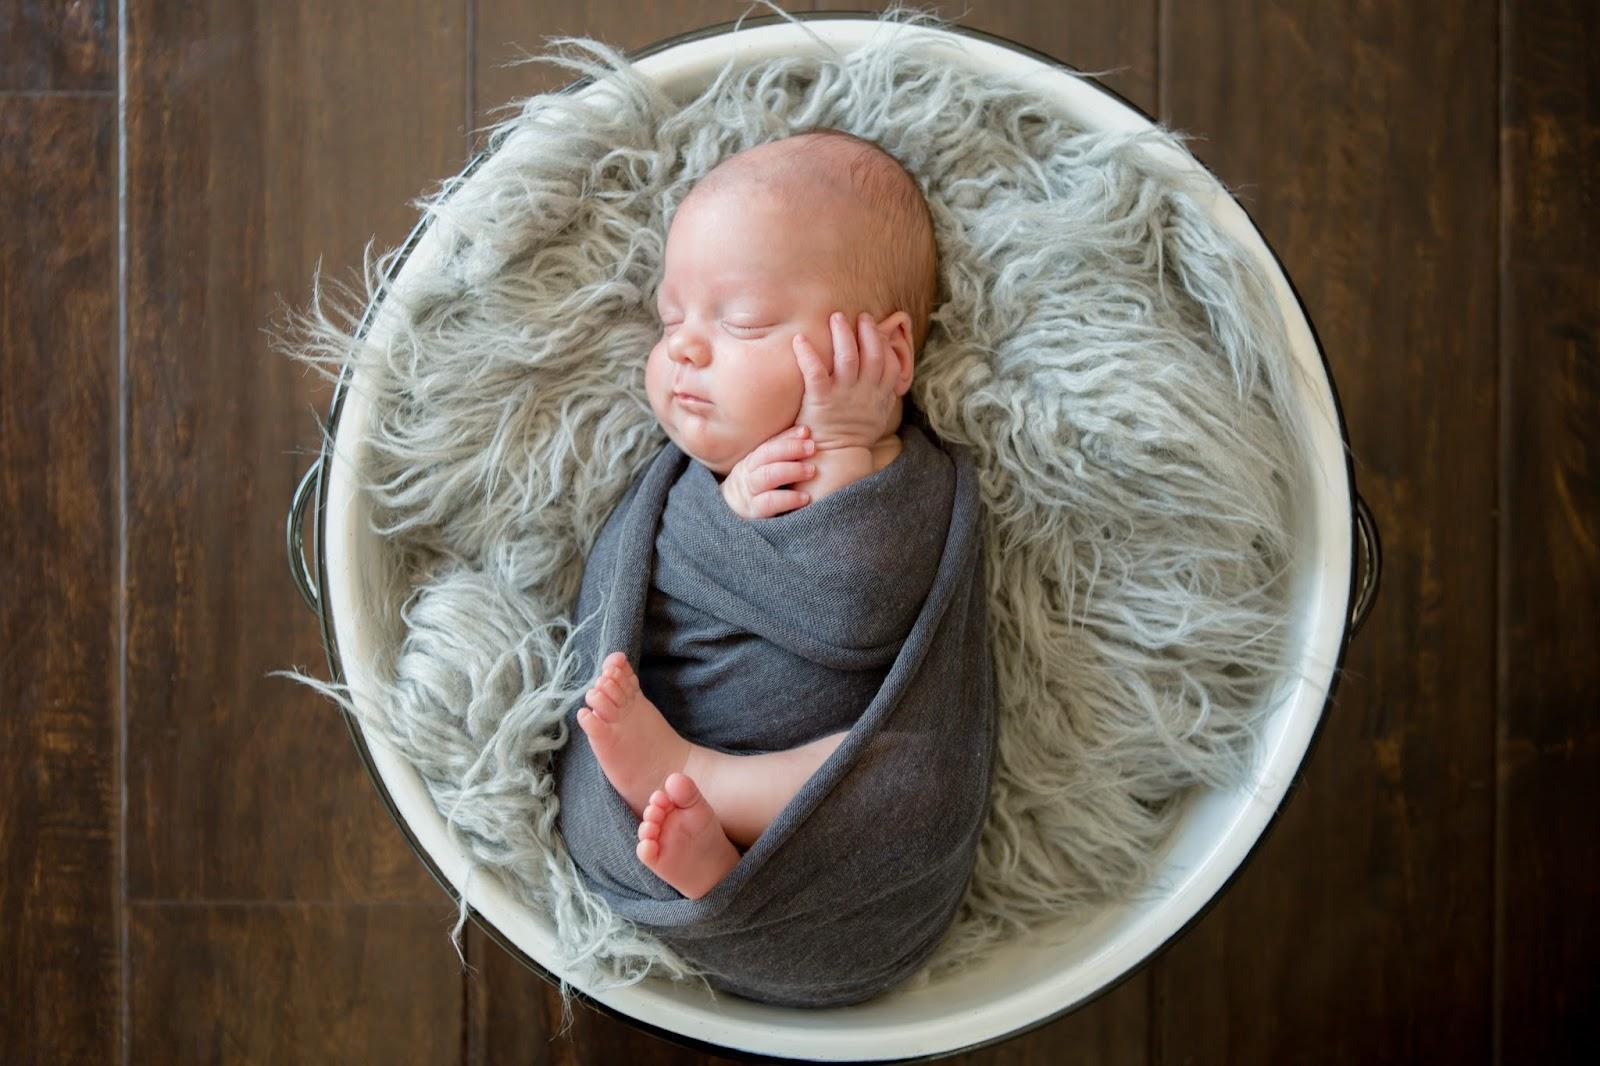 newborn boy swaddled